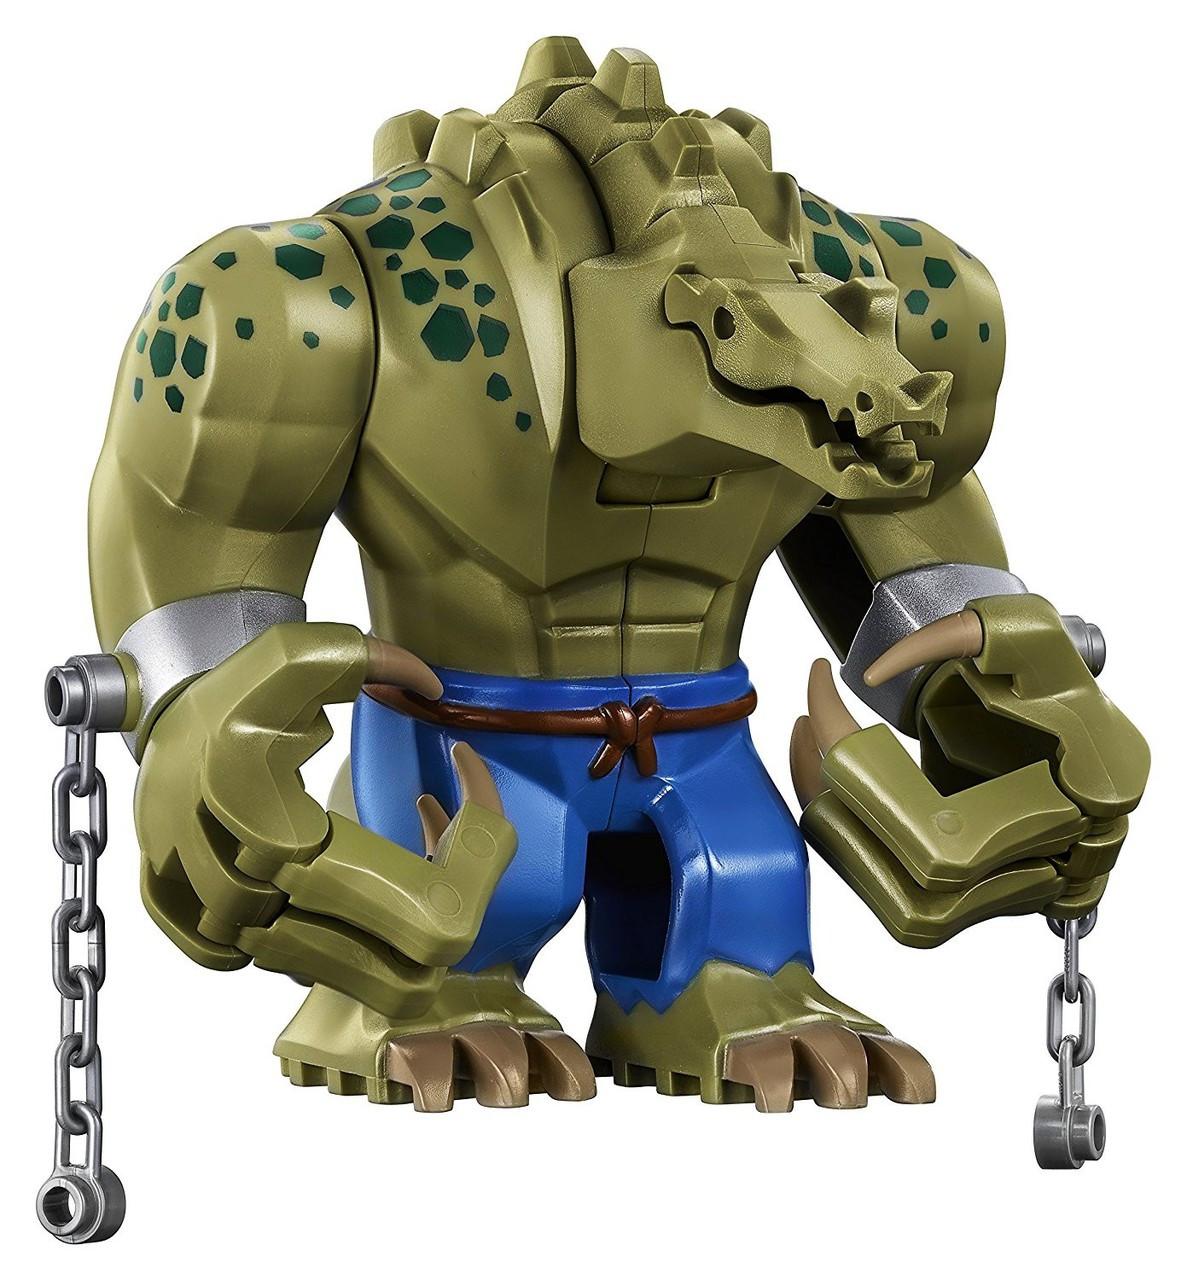 LEGO DC The LEGO Batman Movie Killer Croc Loose - ToyWiz